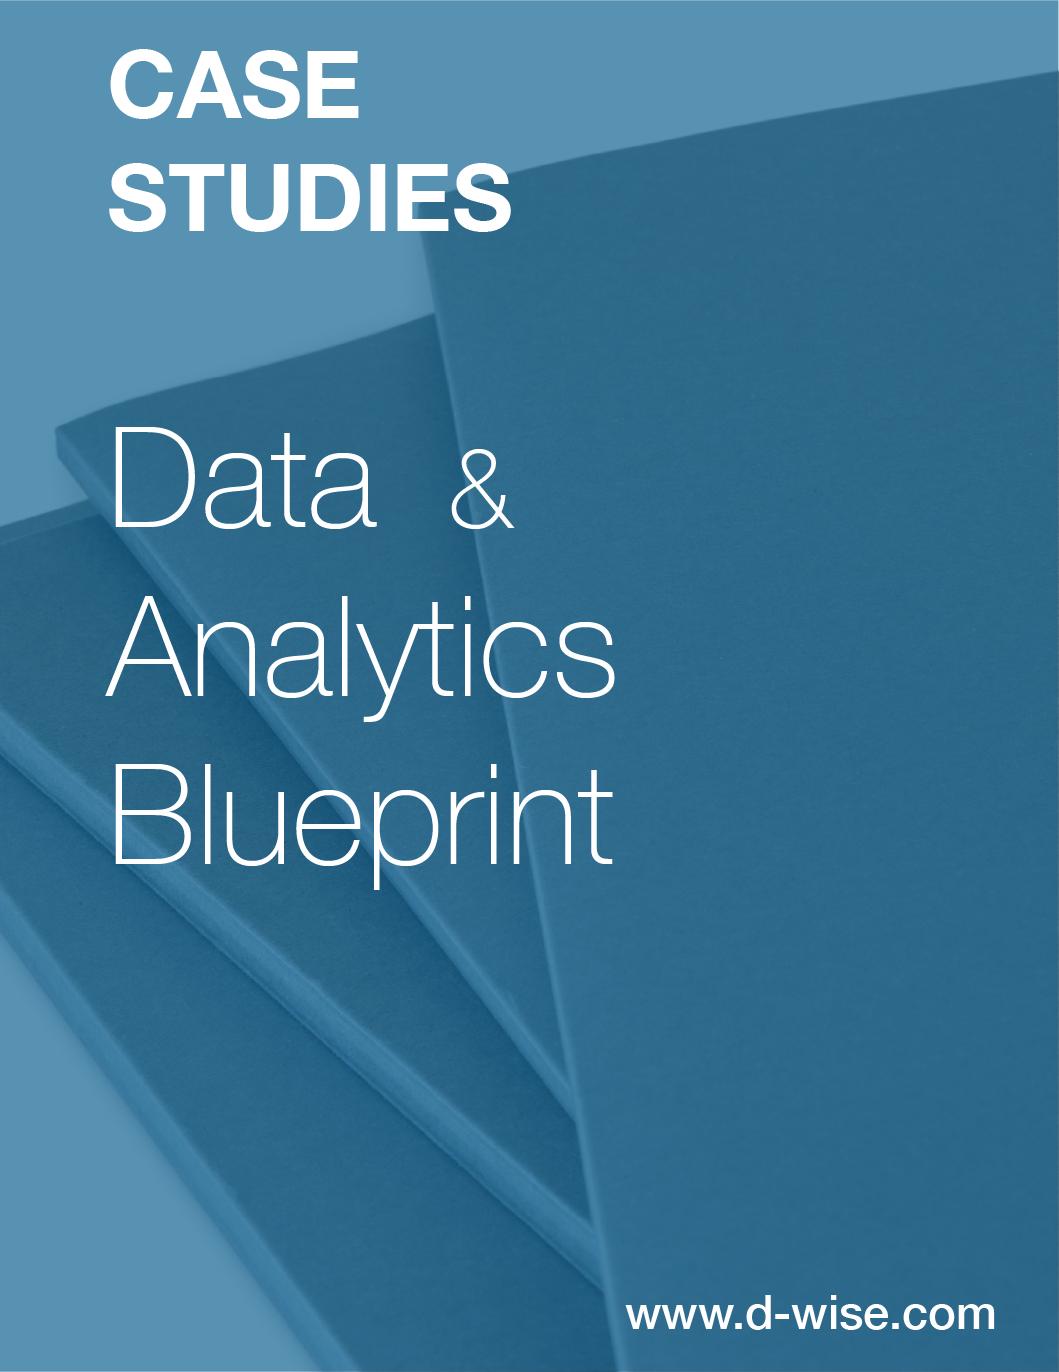 blueprint case study.png